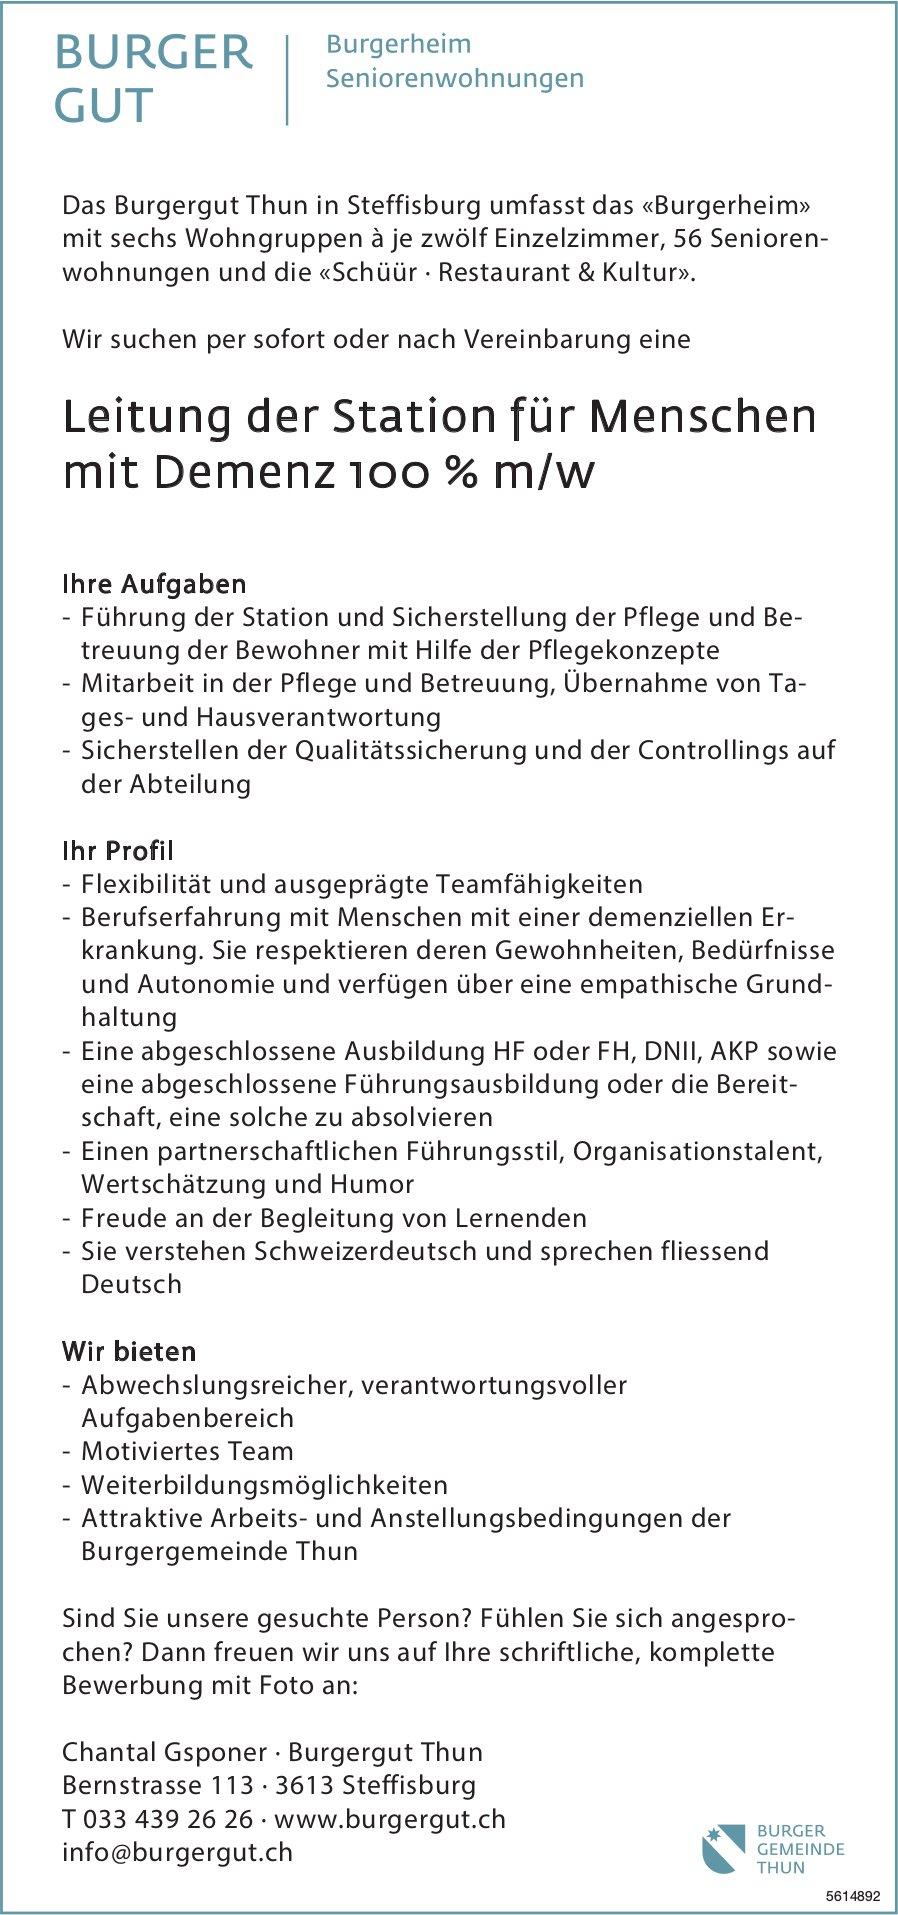 Leitung der Station für Menschen mit Demenz 100 % m/w bei Burgergut  Thun gesucht